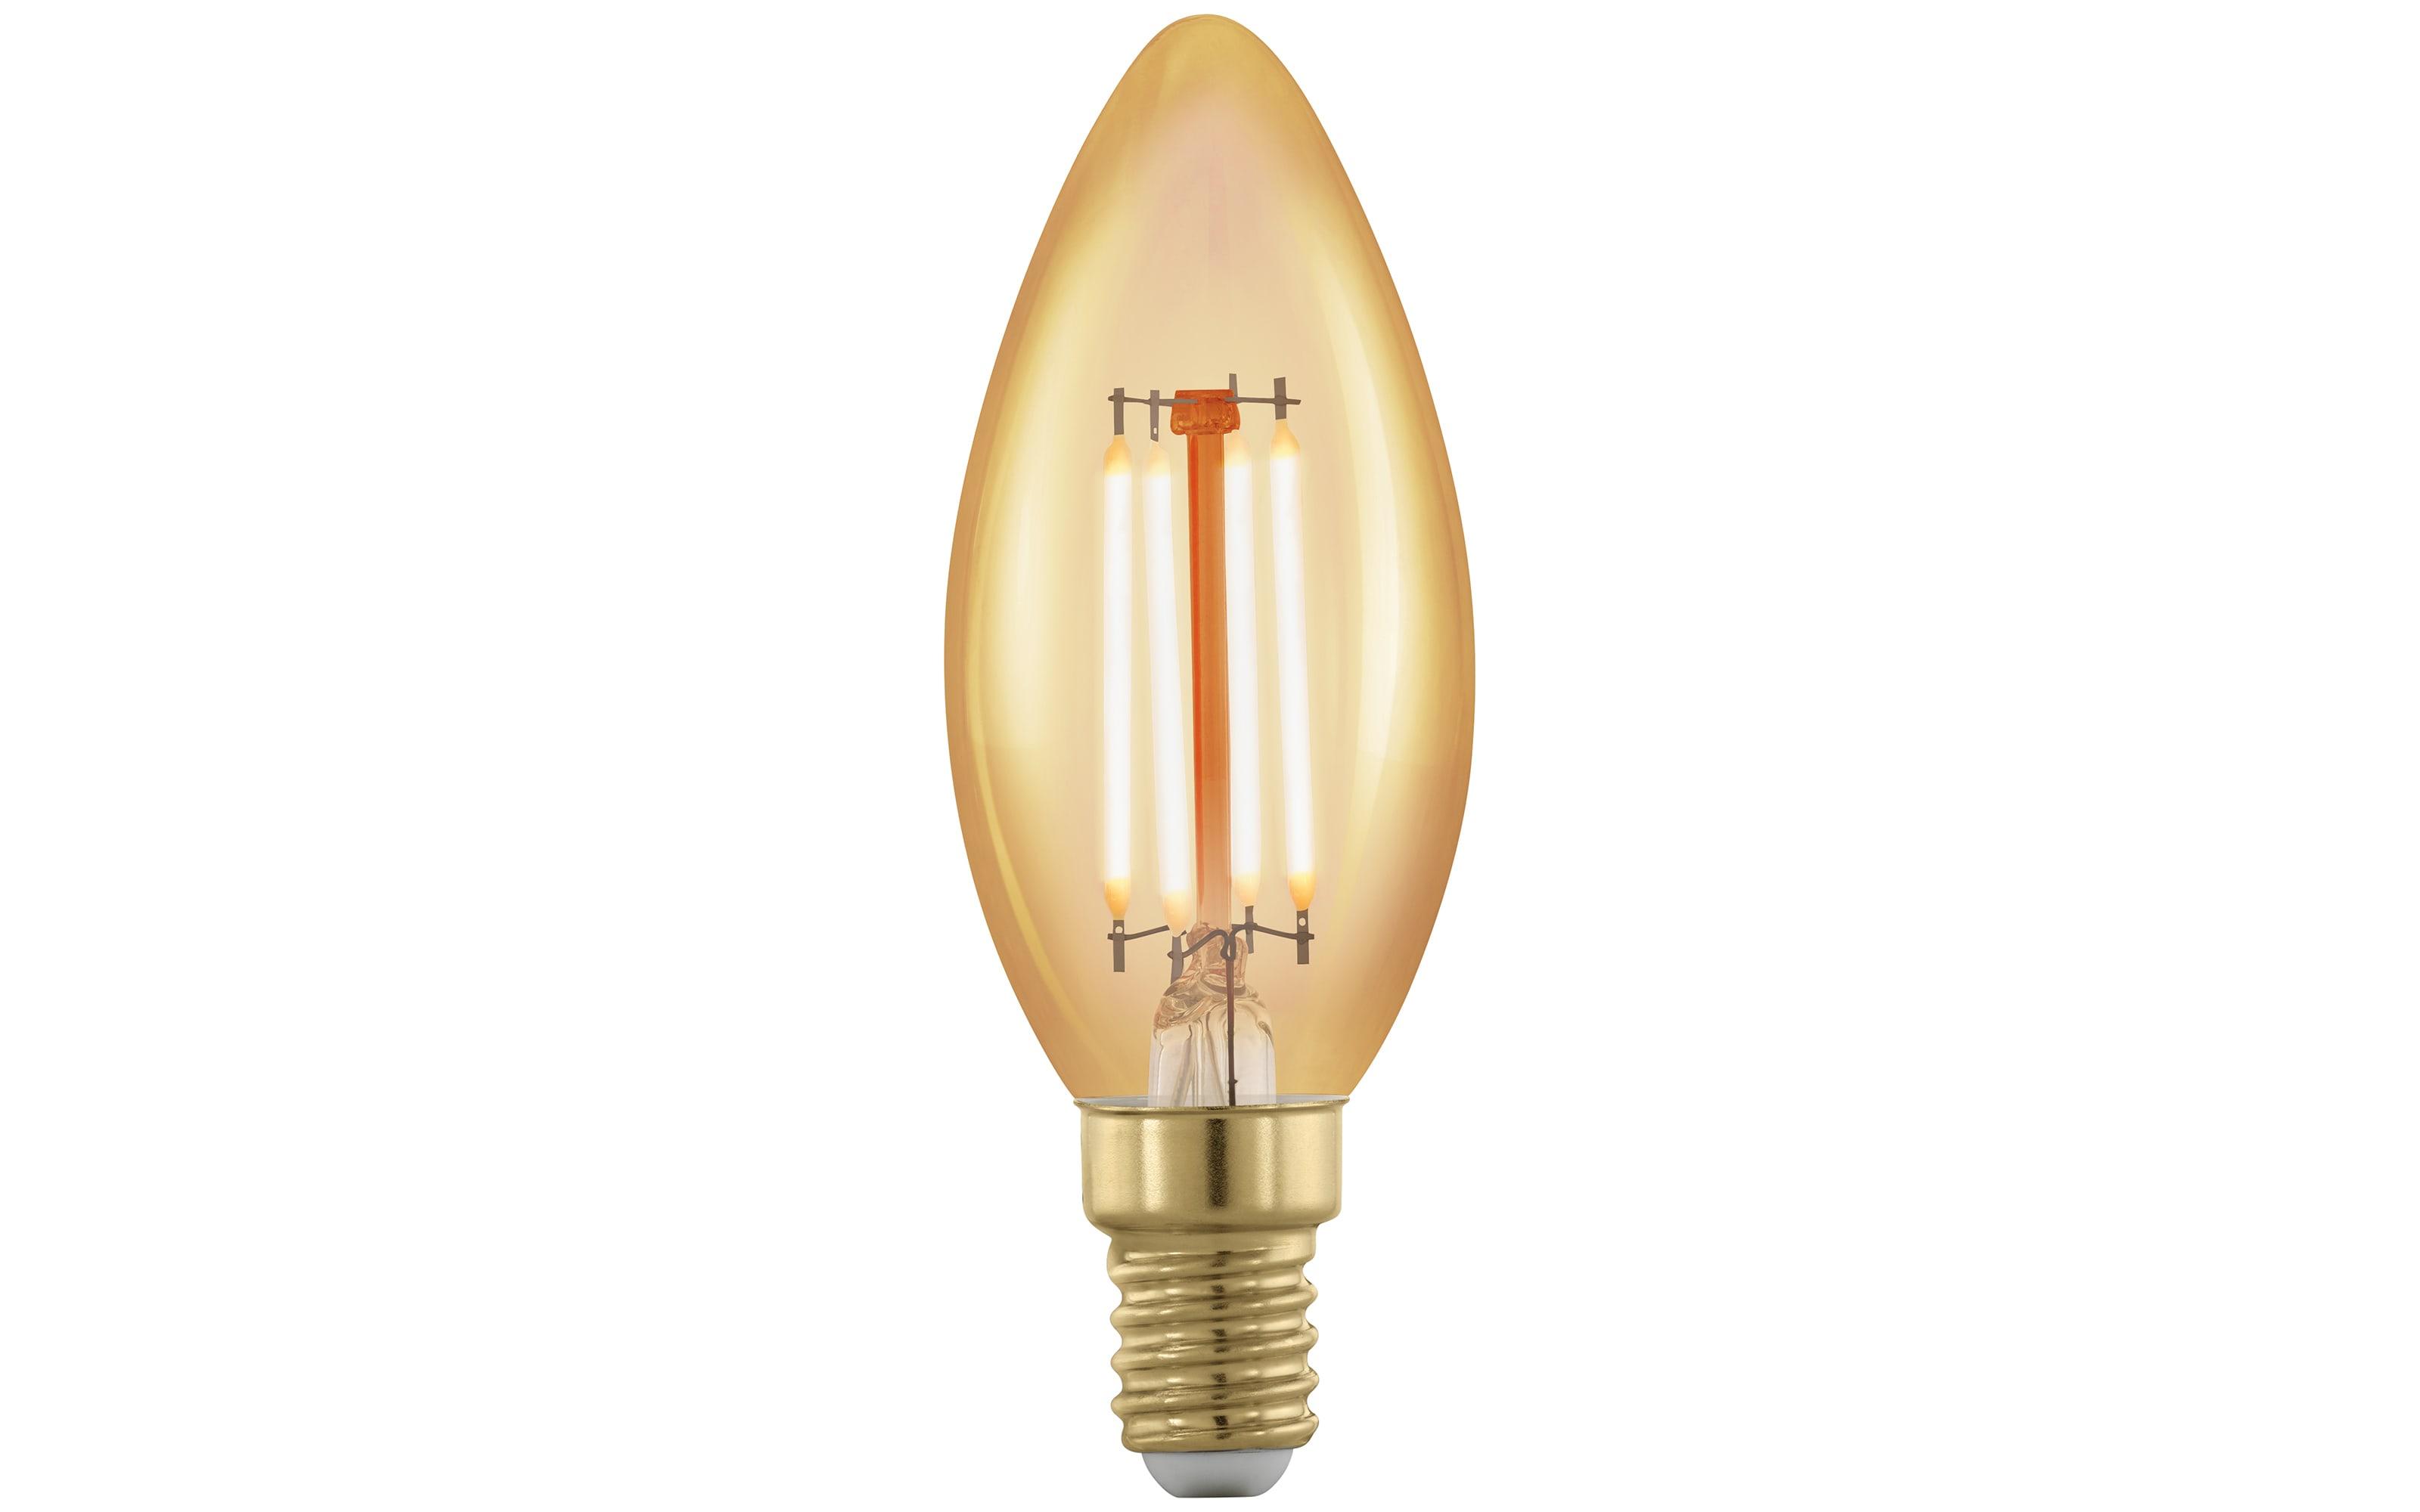 LED-Filament Golden Age Kerze 4W / E14, 9,8 cm